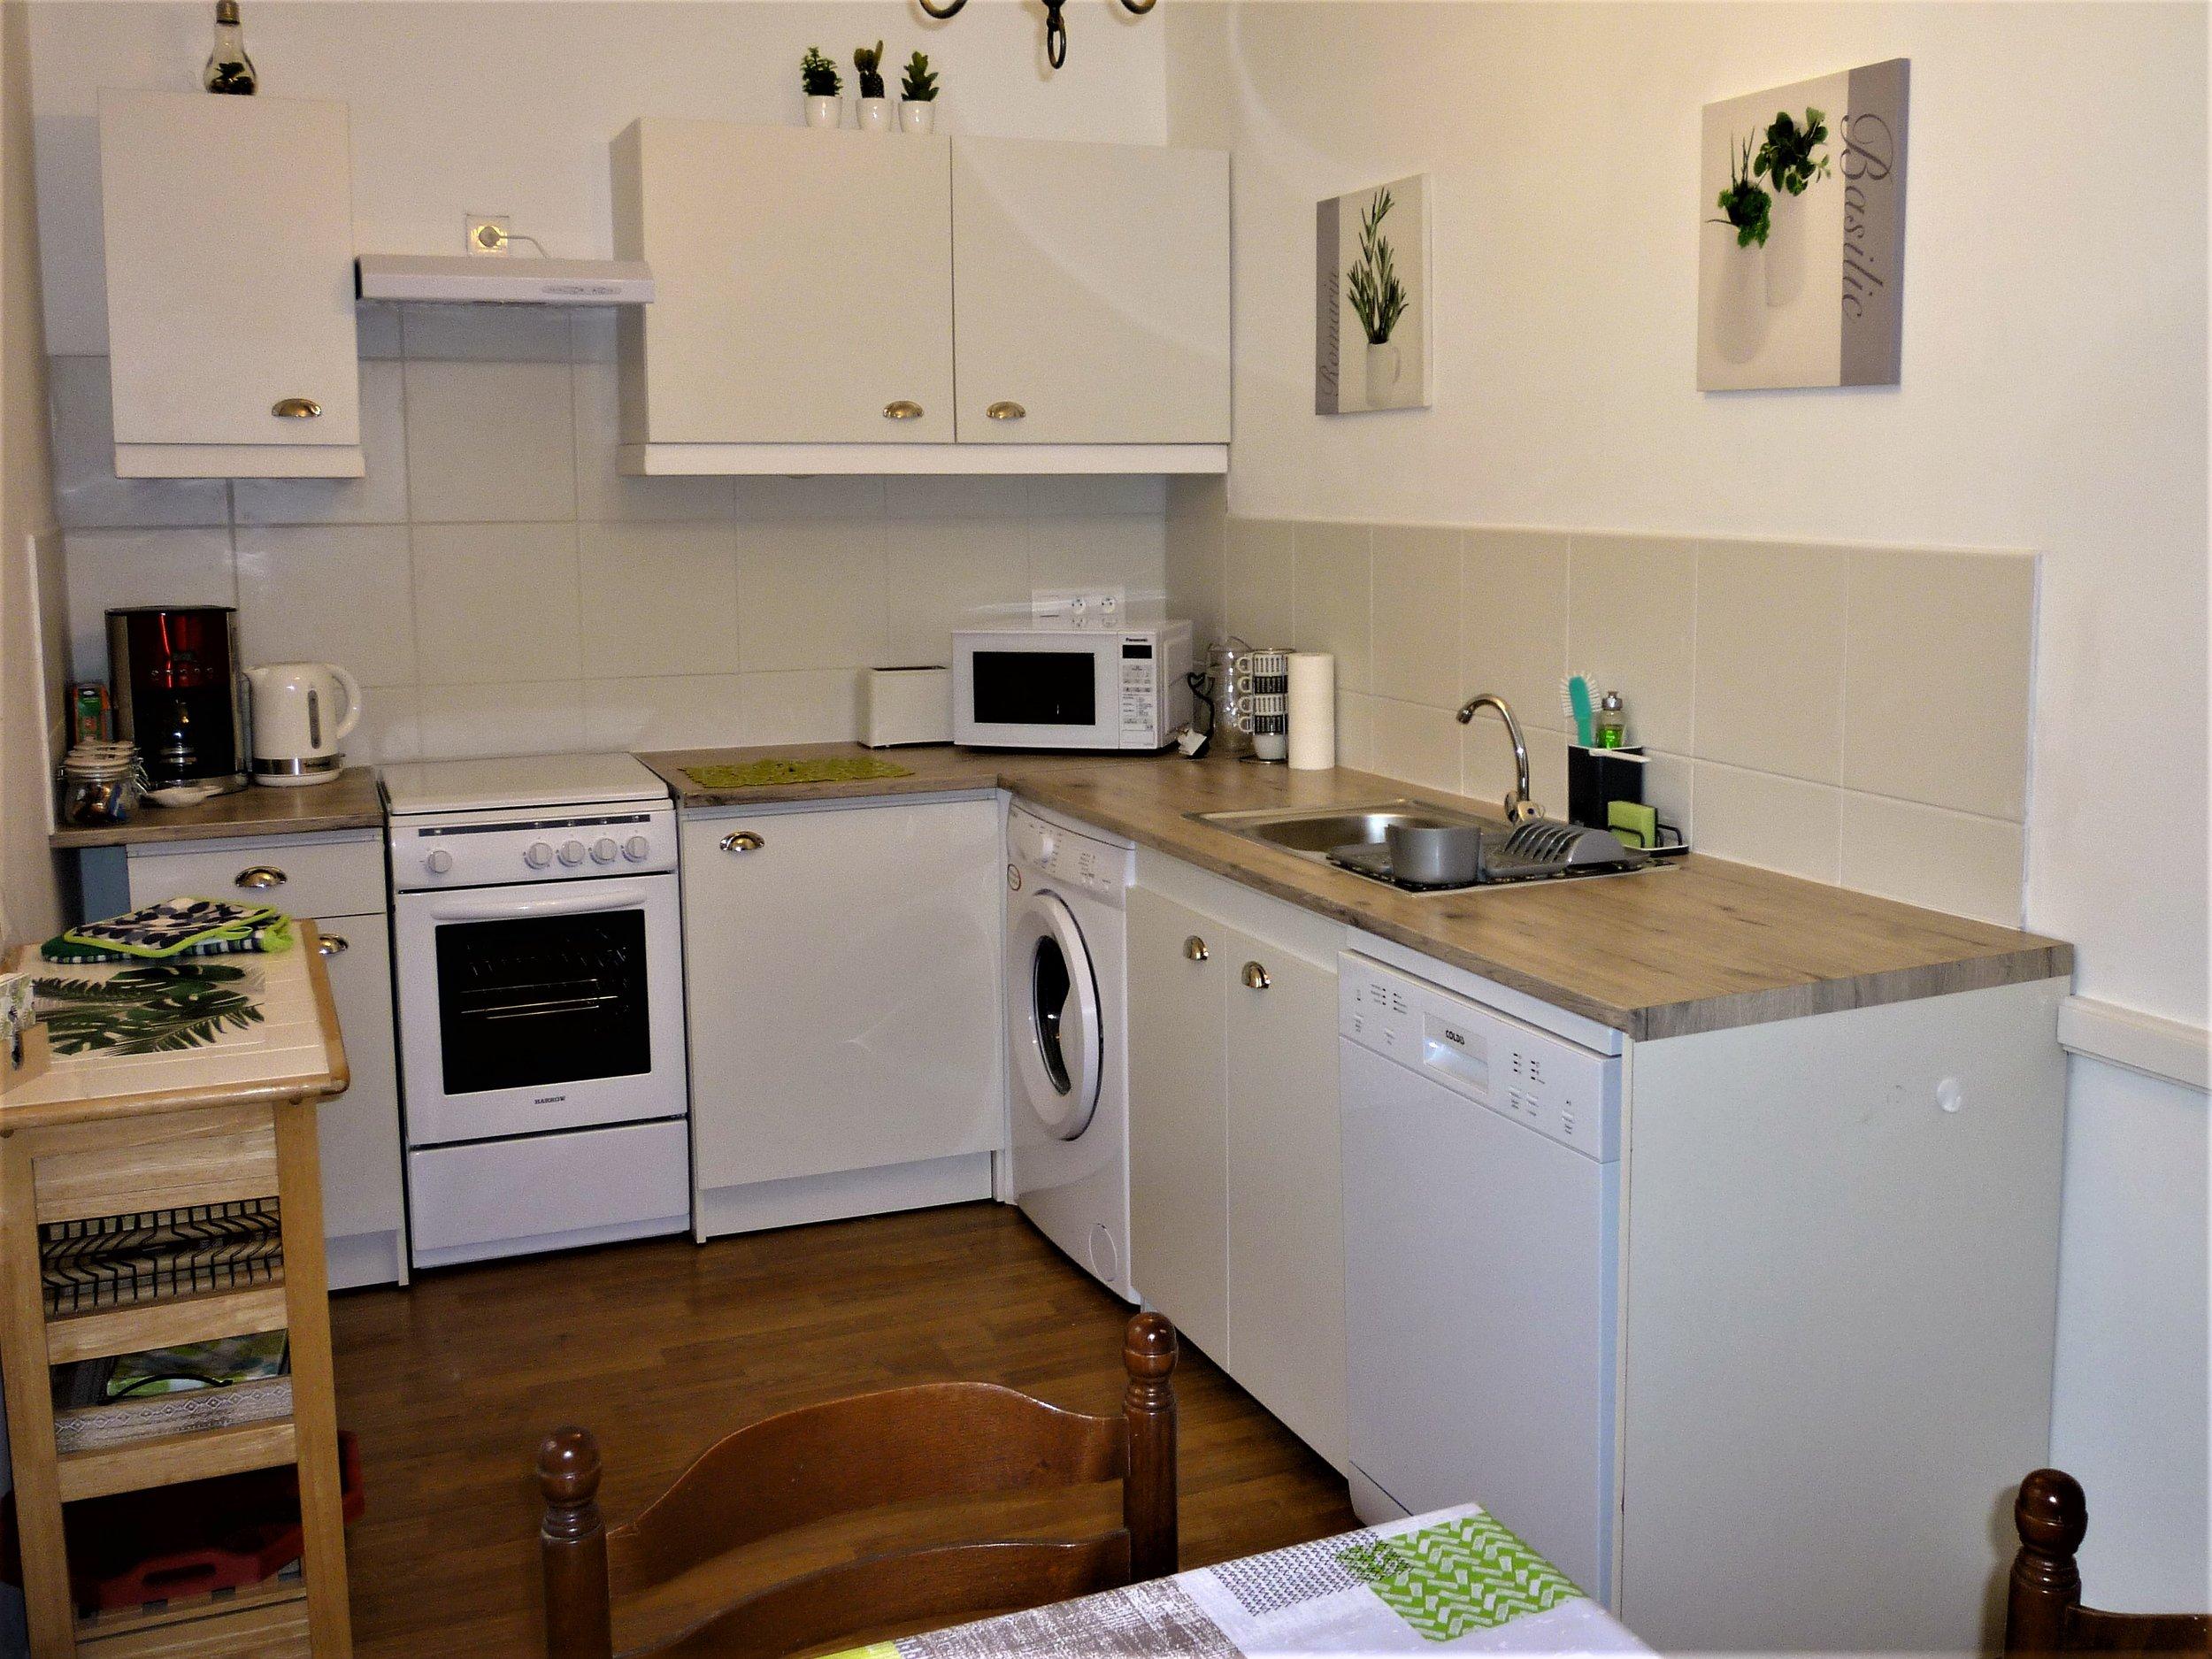 appartment kitchen.jpg